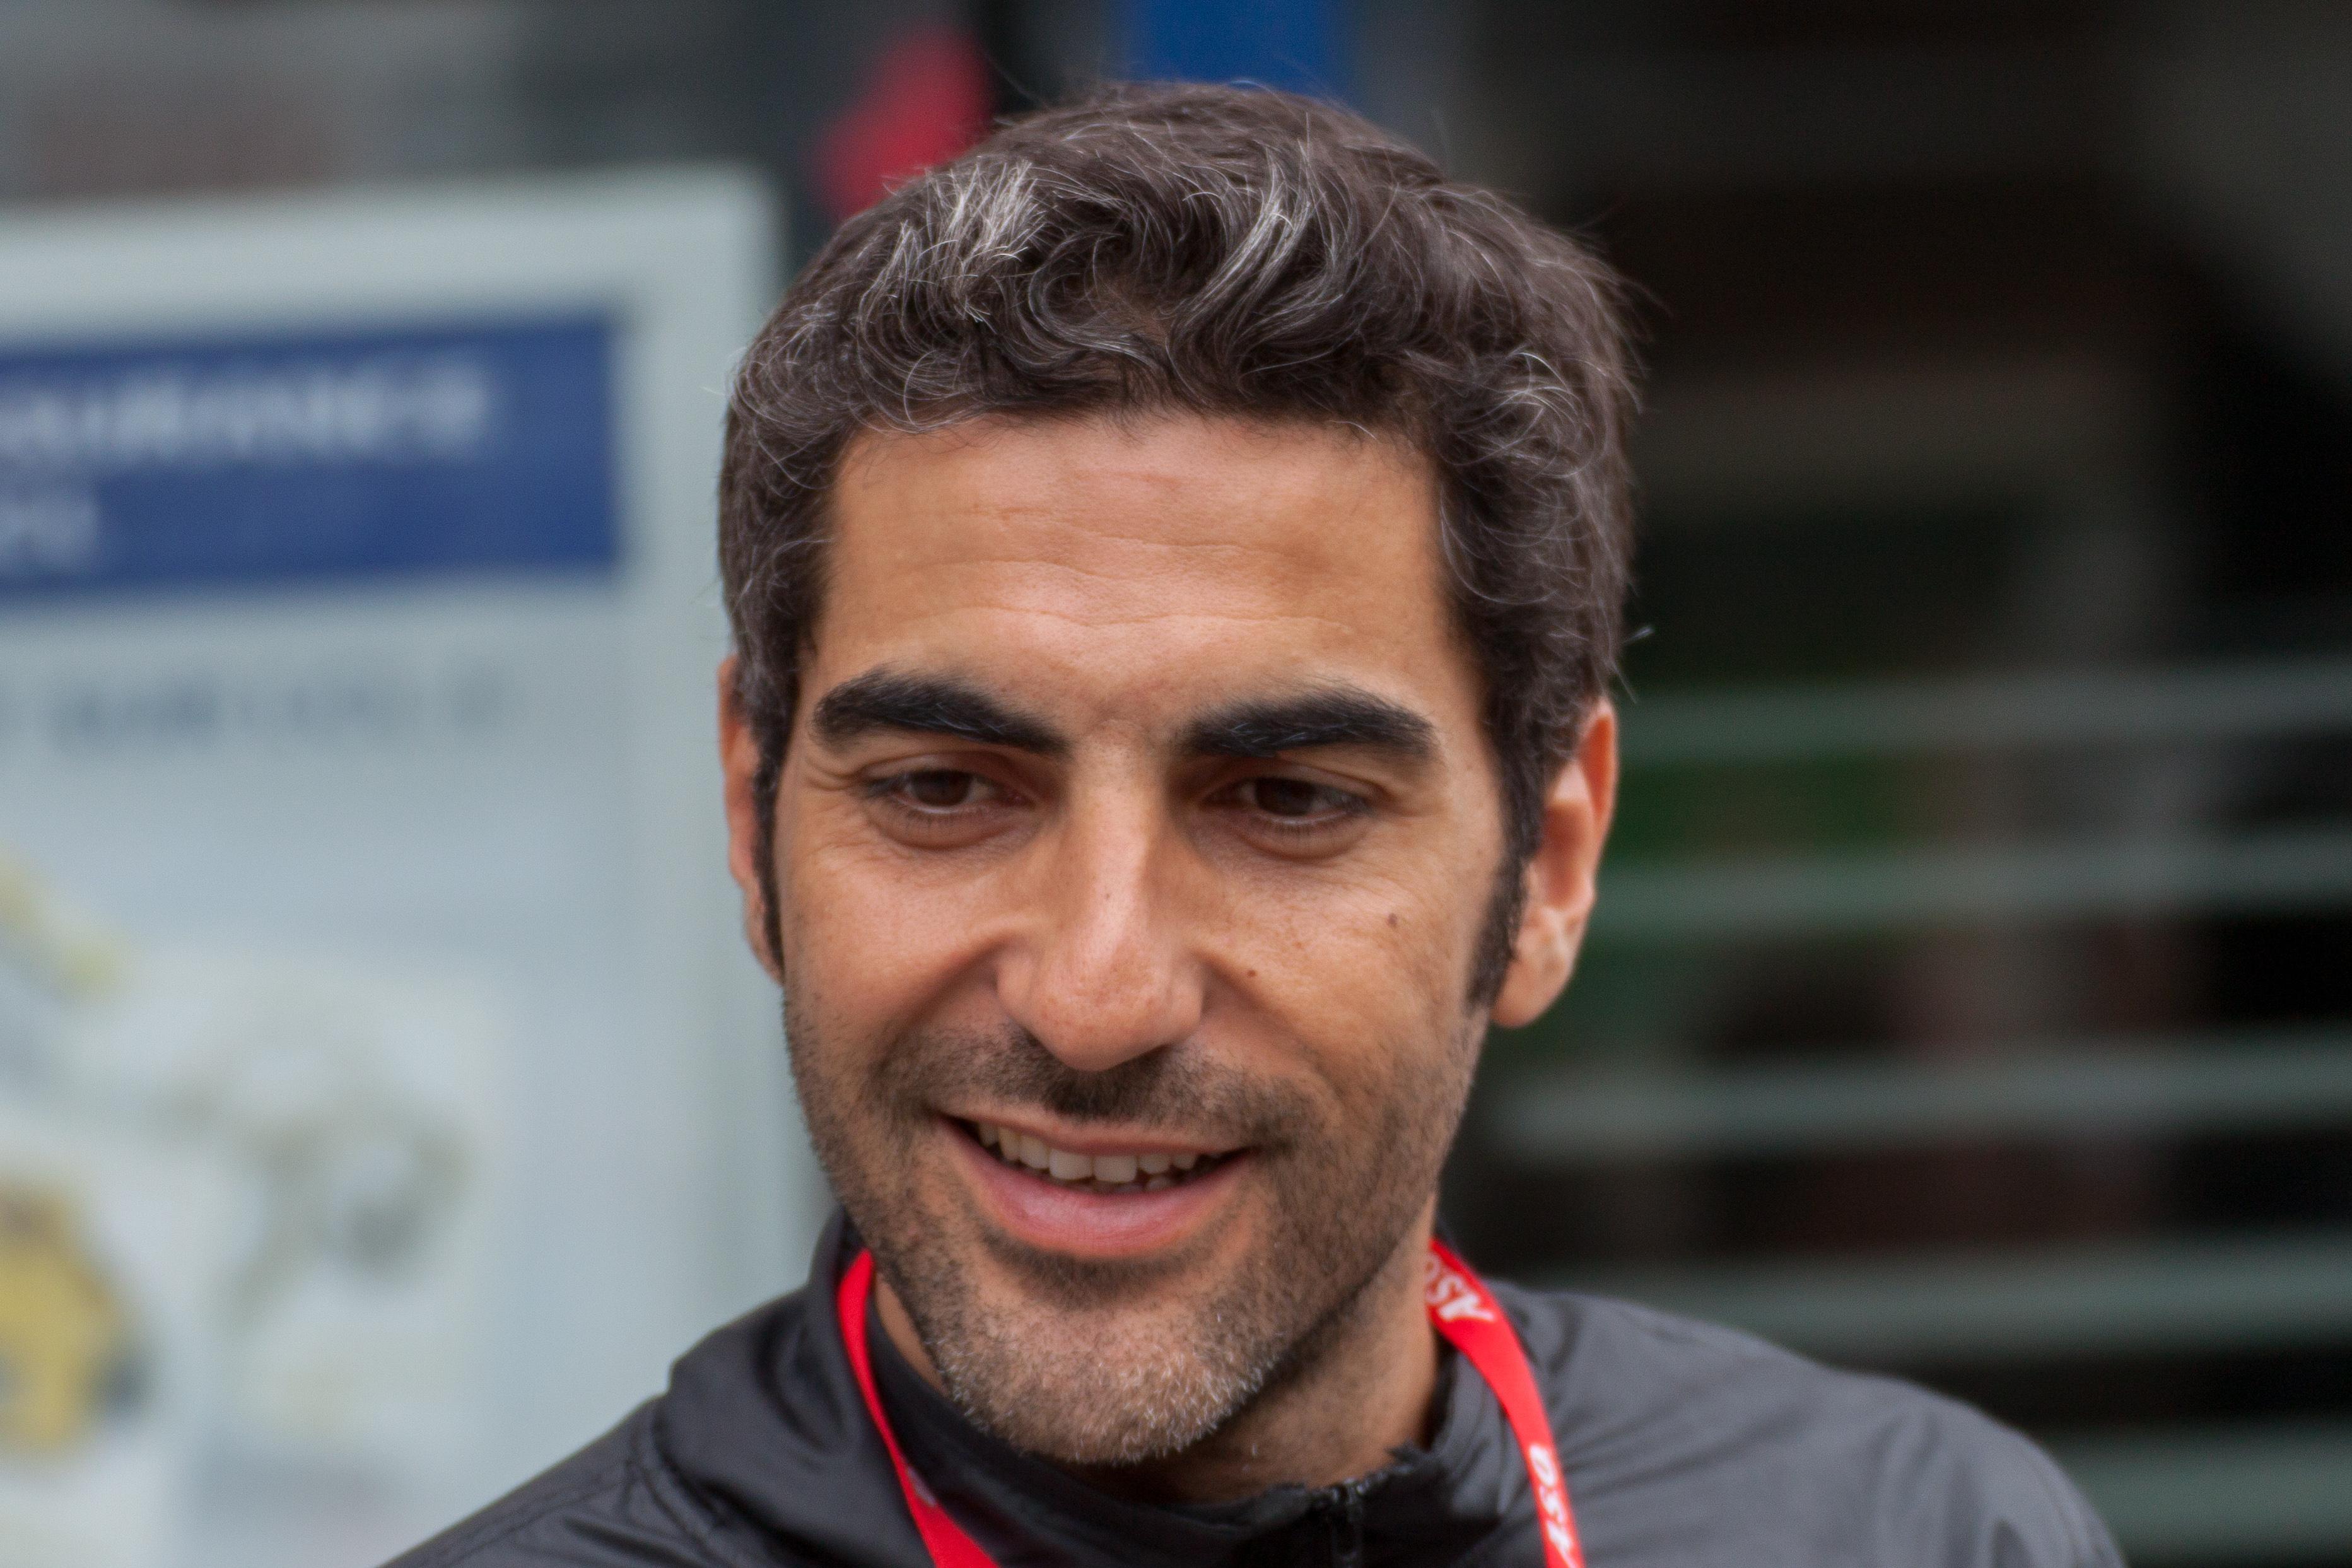 Fichier:Ary Abittan - Critérium du Dauphiné 2012.jpg — Wikipédia